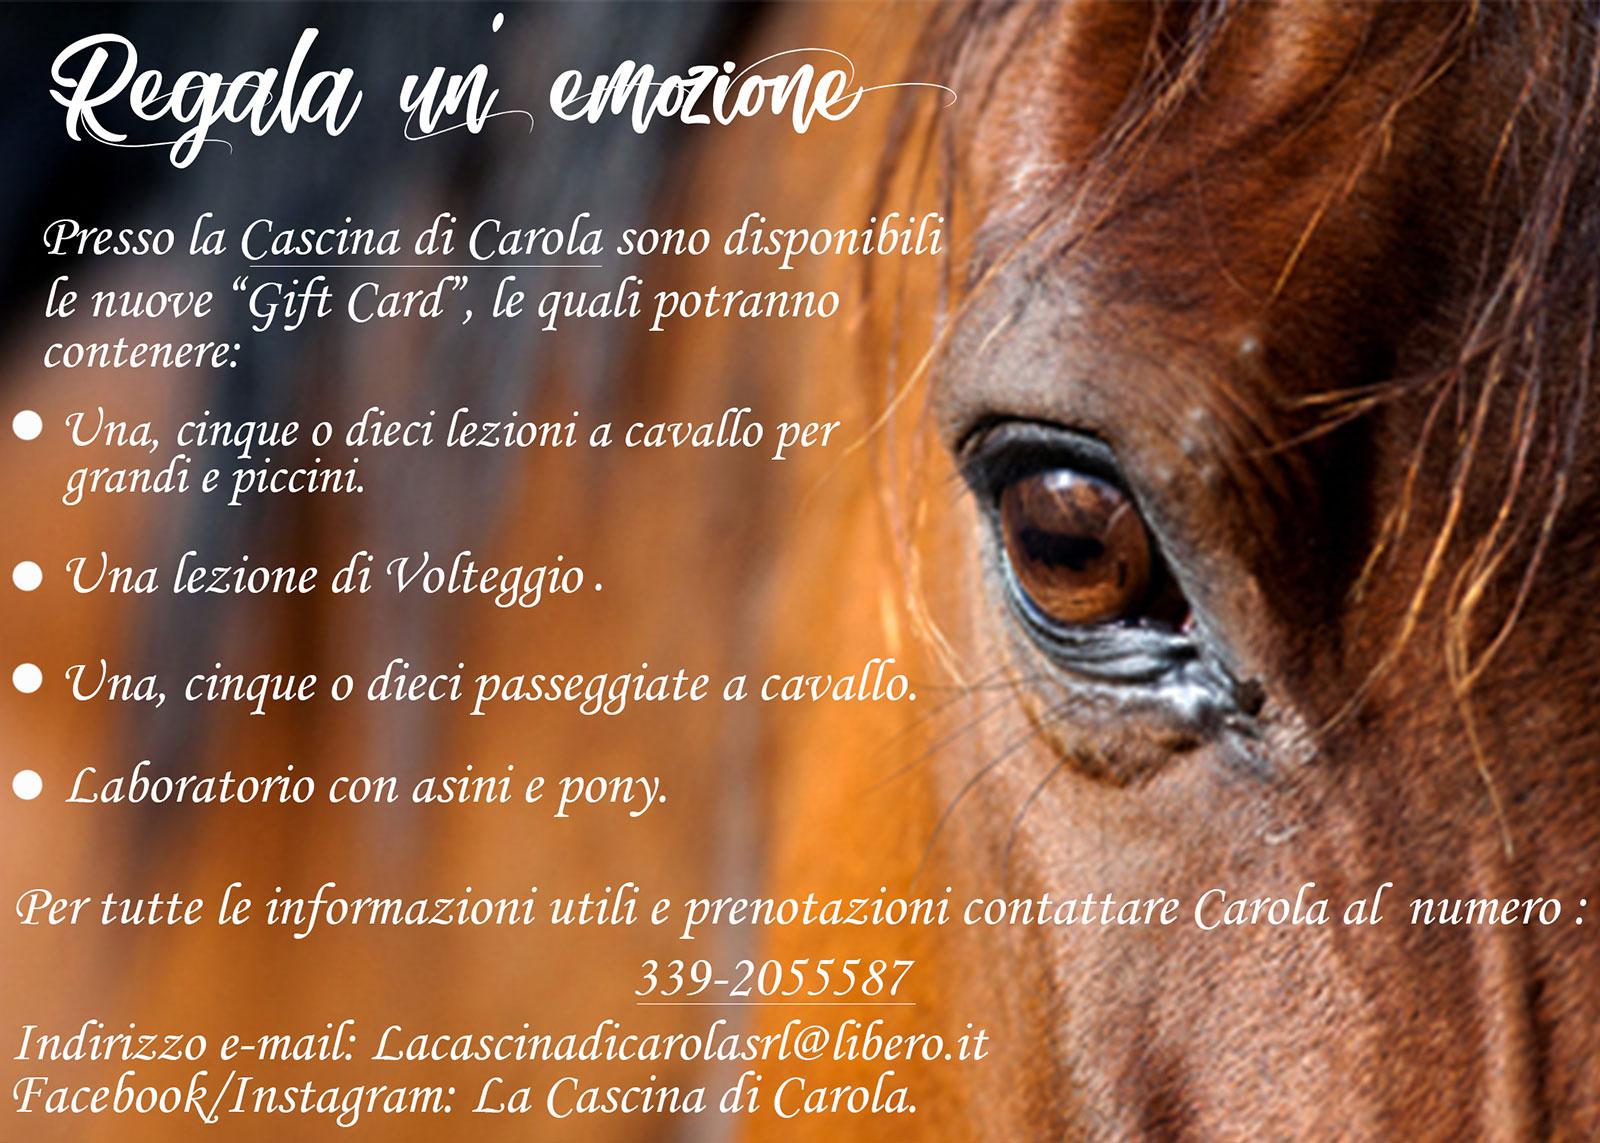 Gift card regala un corso di equitazione, una lezione, una passeggiata a cavallo, un laboratorio con asini e pony